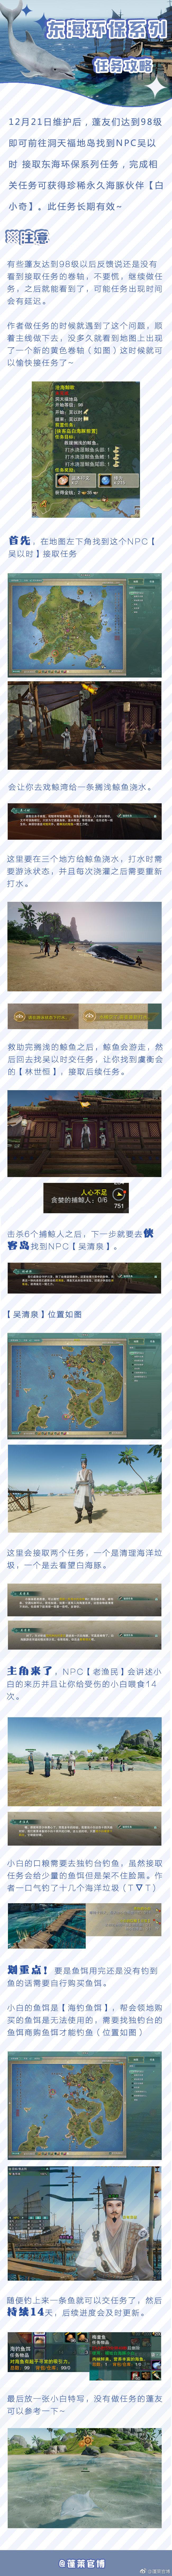 剑网3像韵蓝海头像获取攻略_52z.com